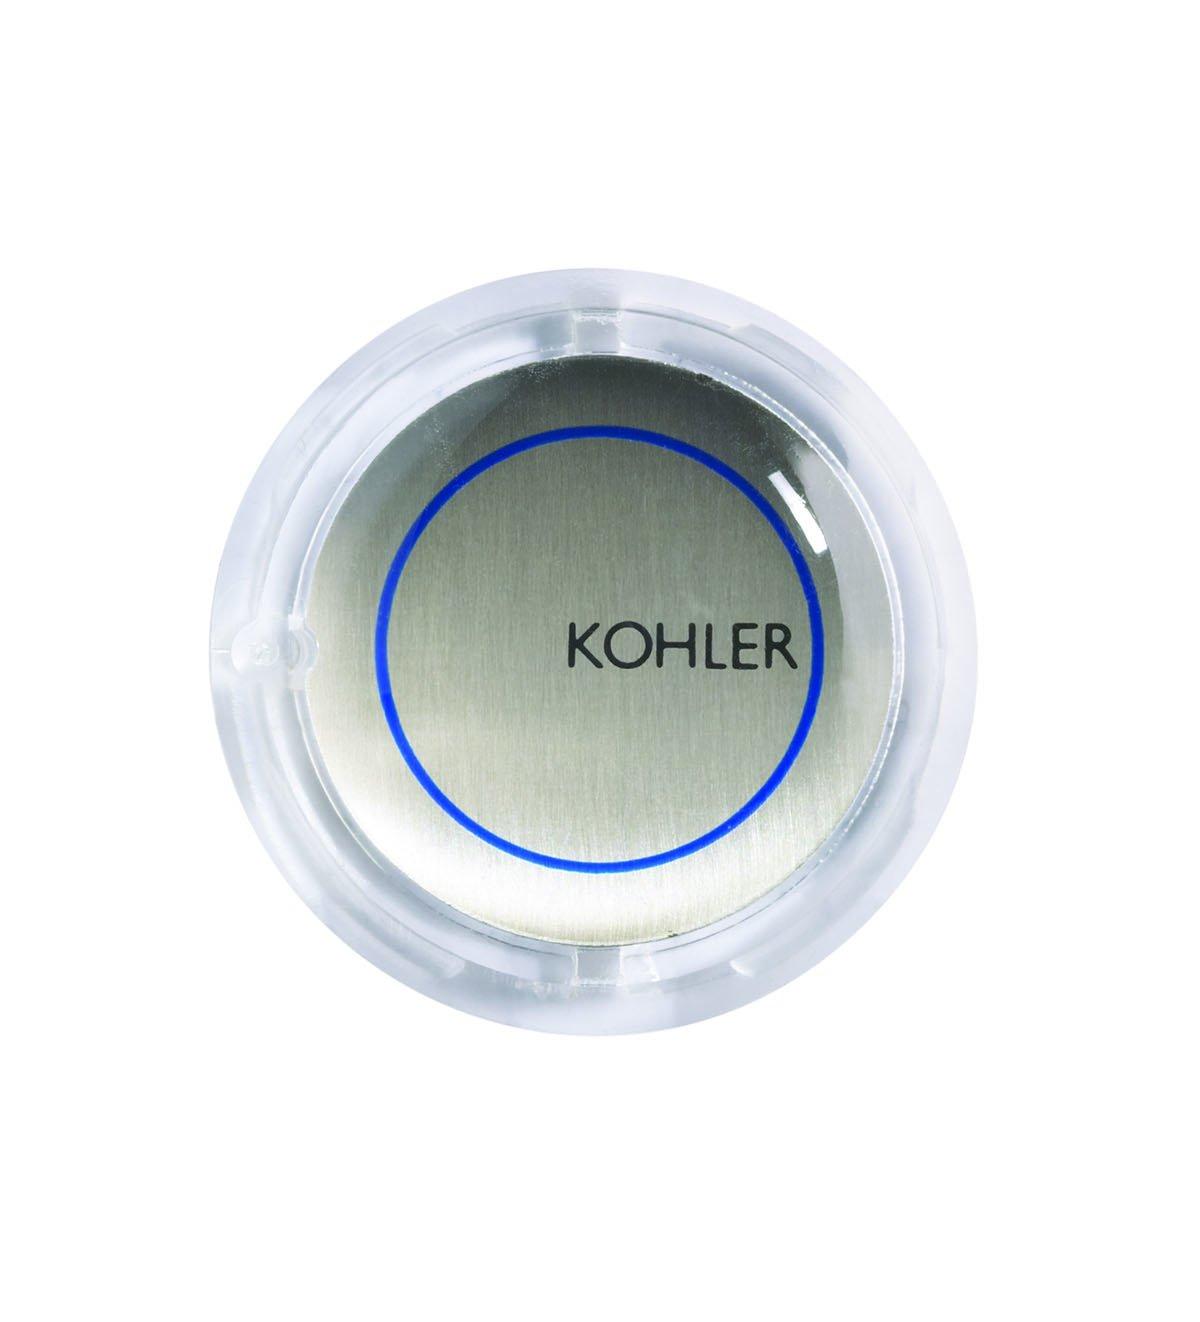 KOHLER K-70207 Button Assembly - Cold